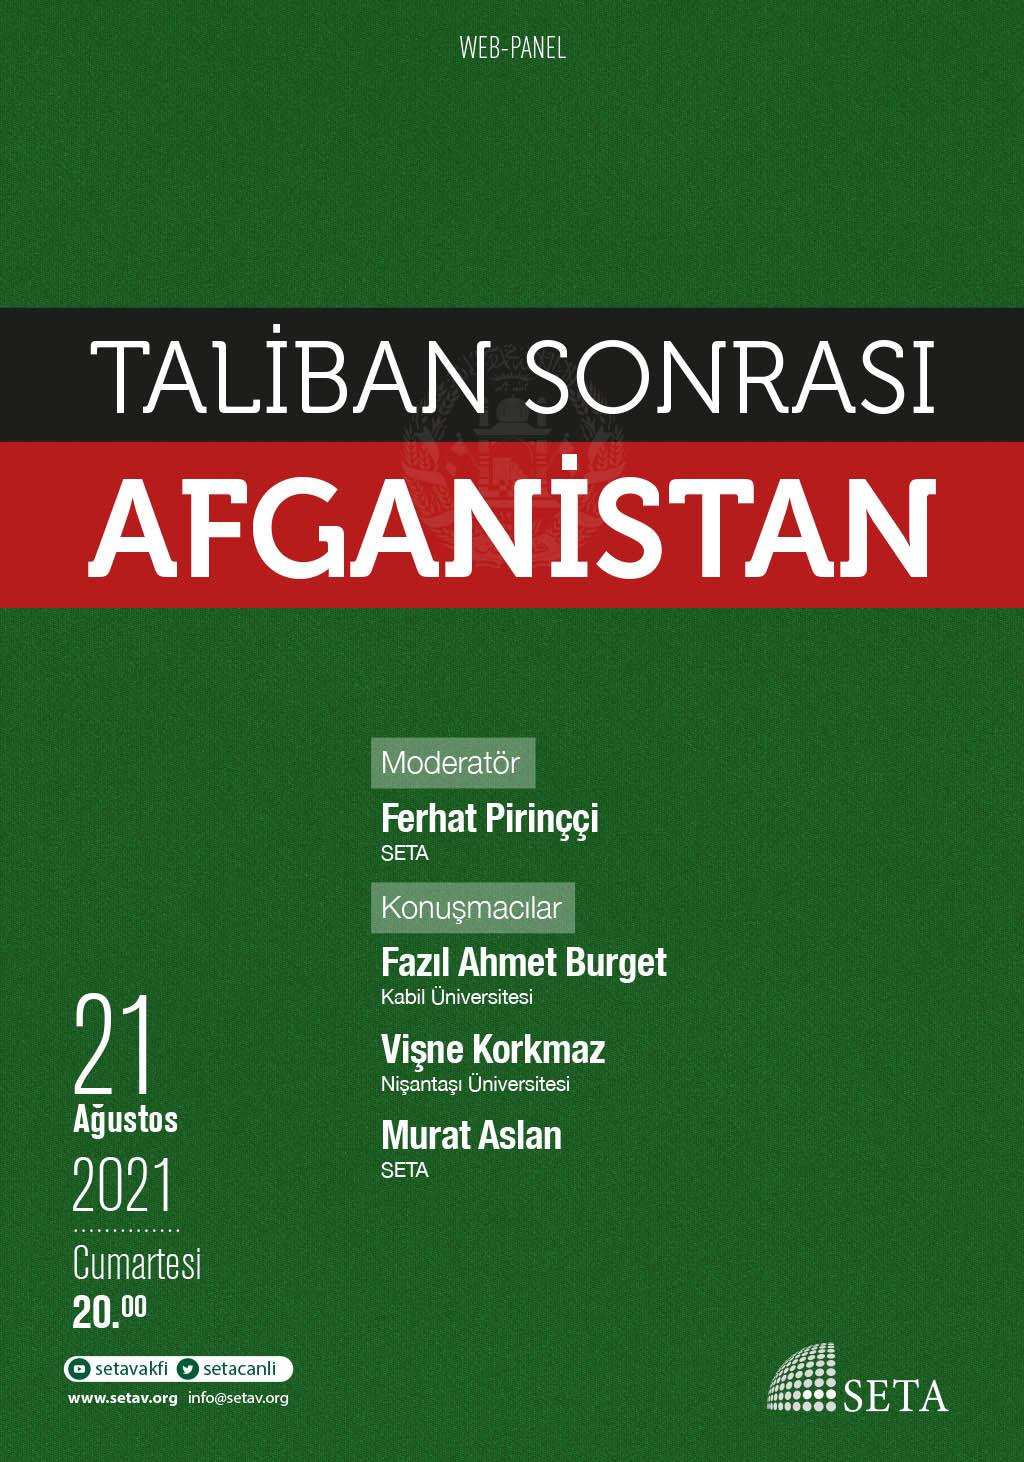 Web Panel: Taliban Sonrası Afganistan